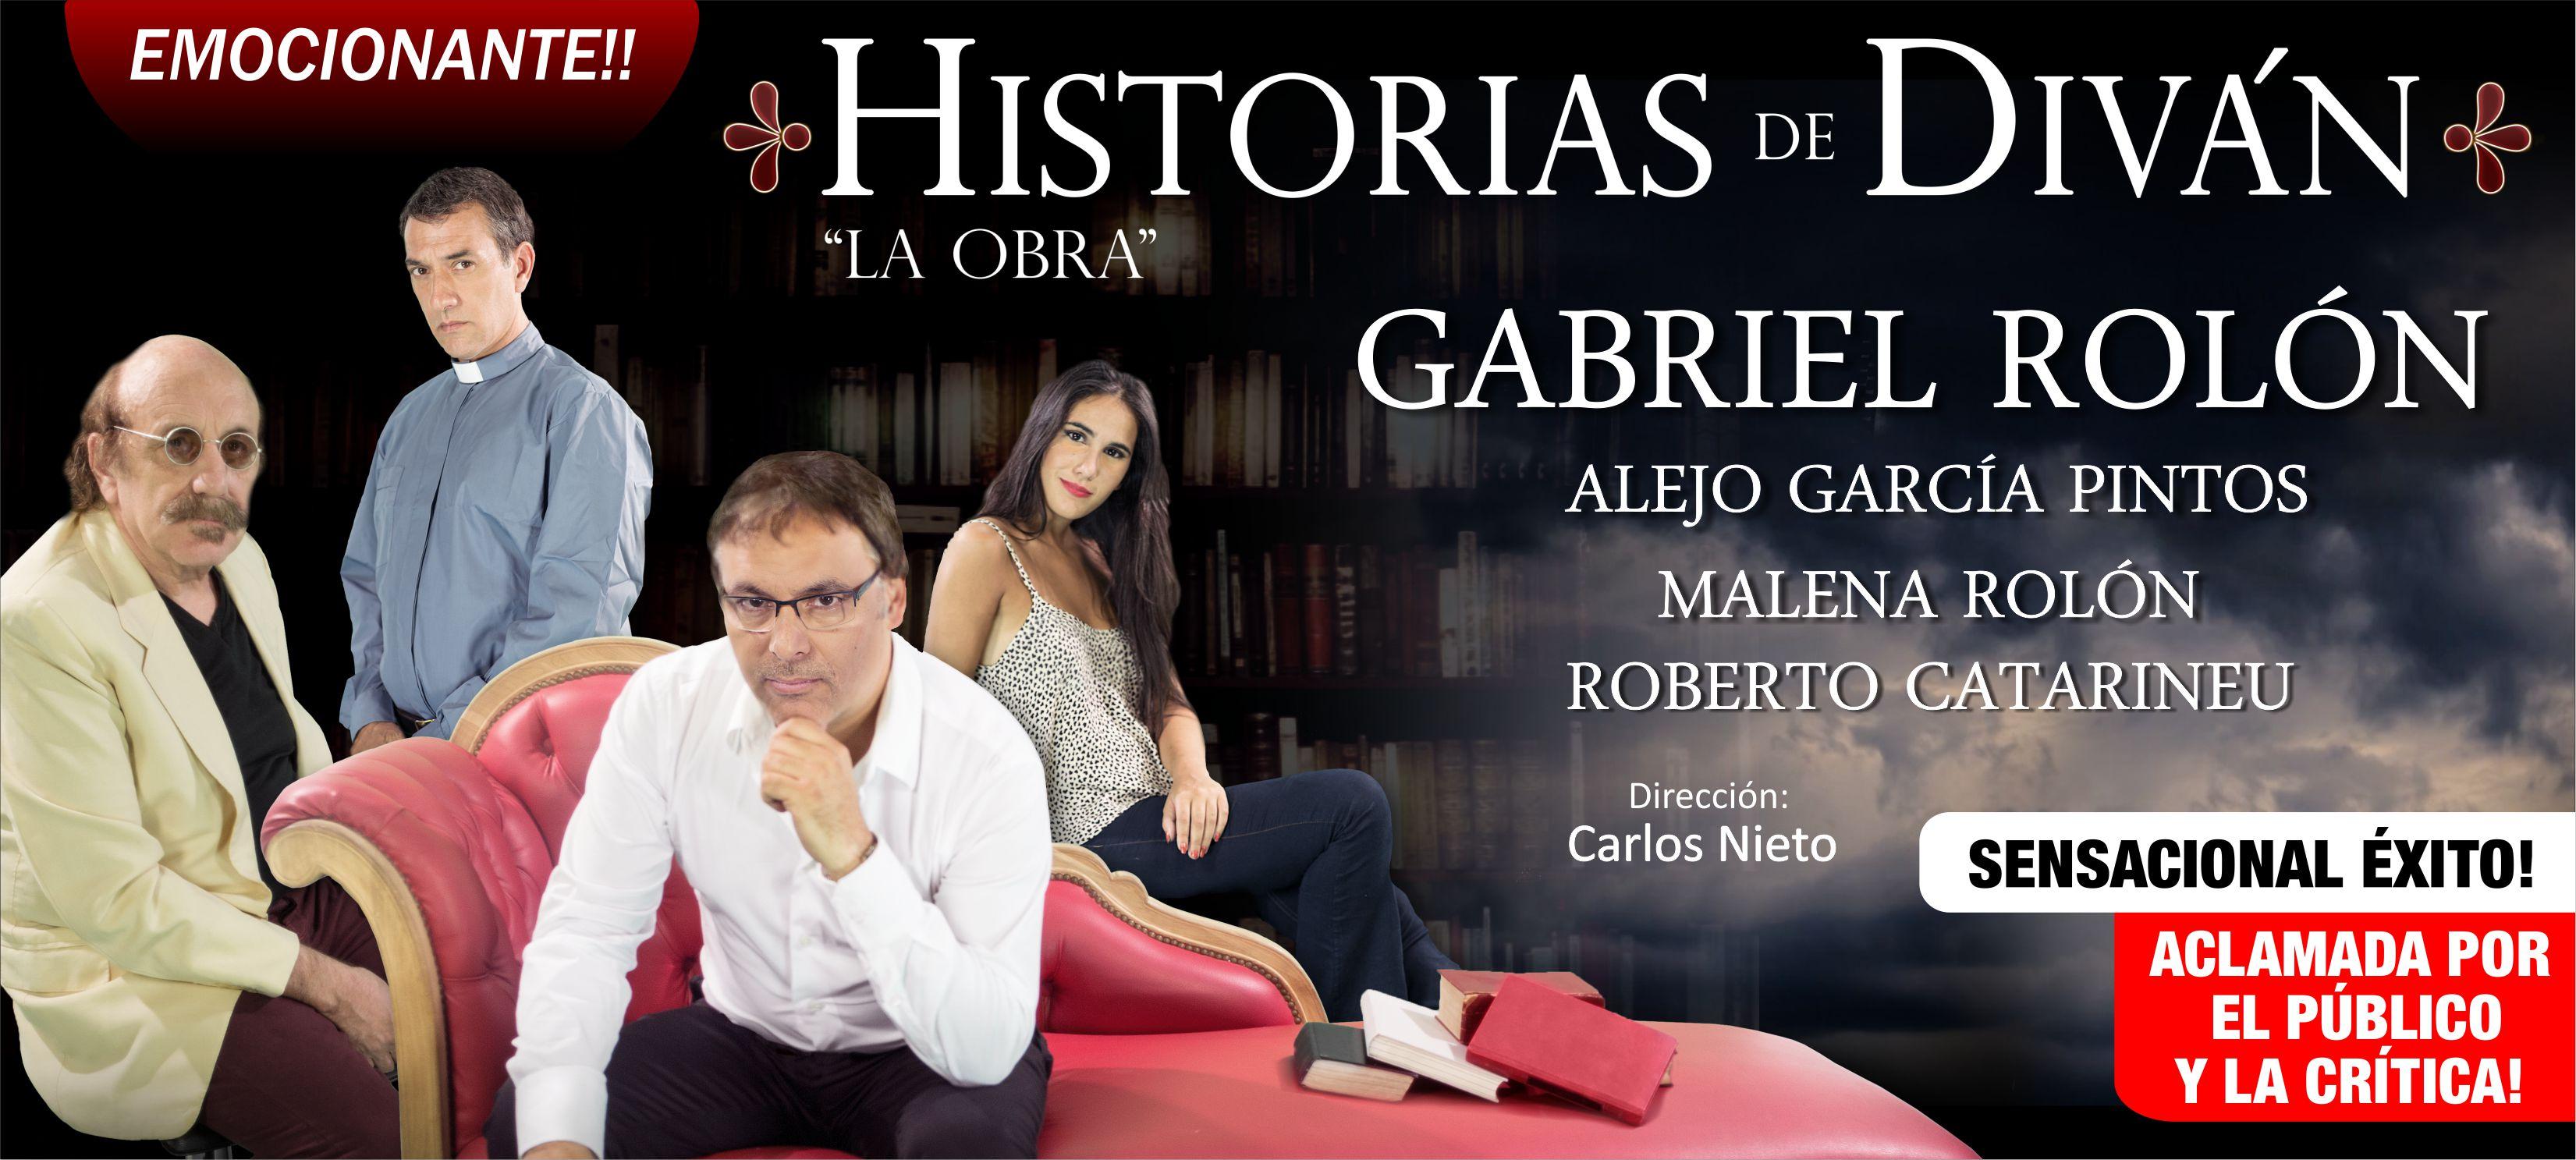 NUESTROS ARTISTAS HISTORIAS DE DIVAN FINAL